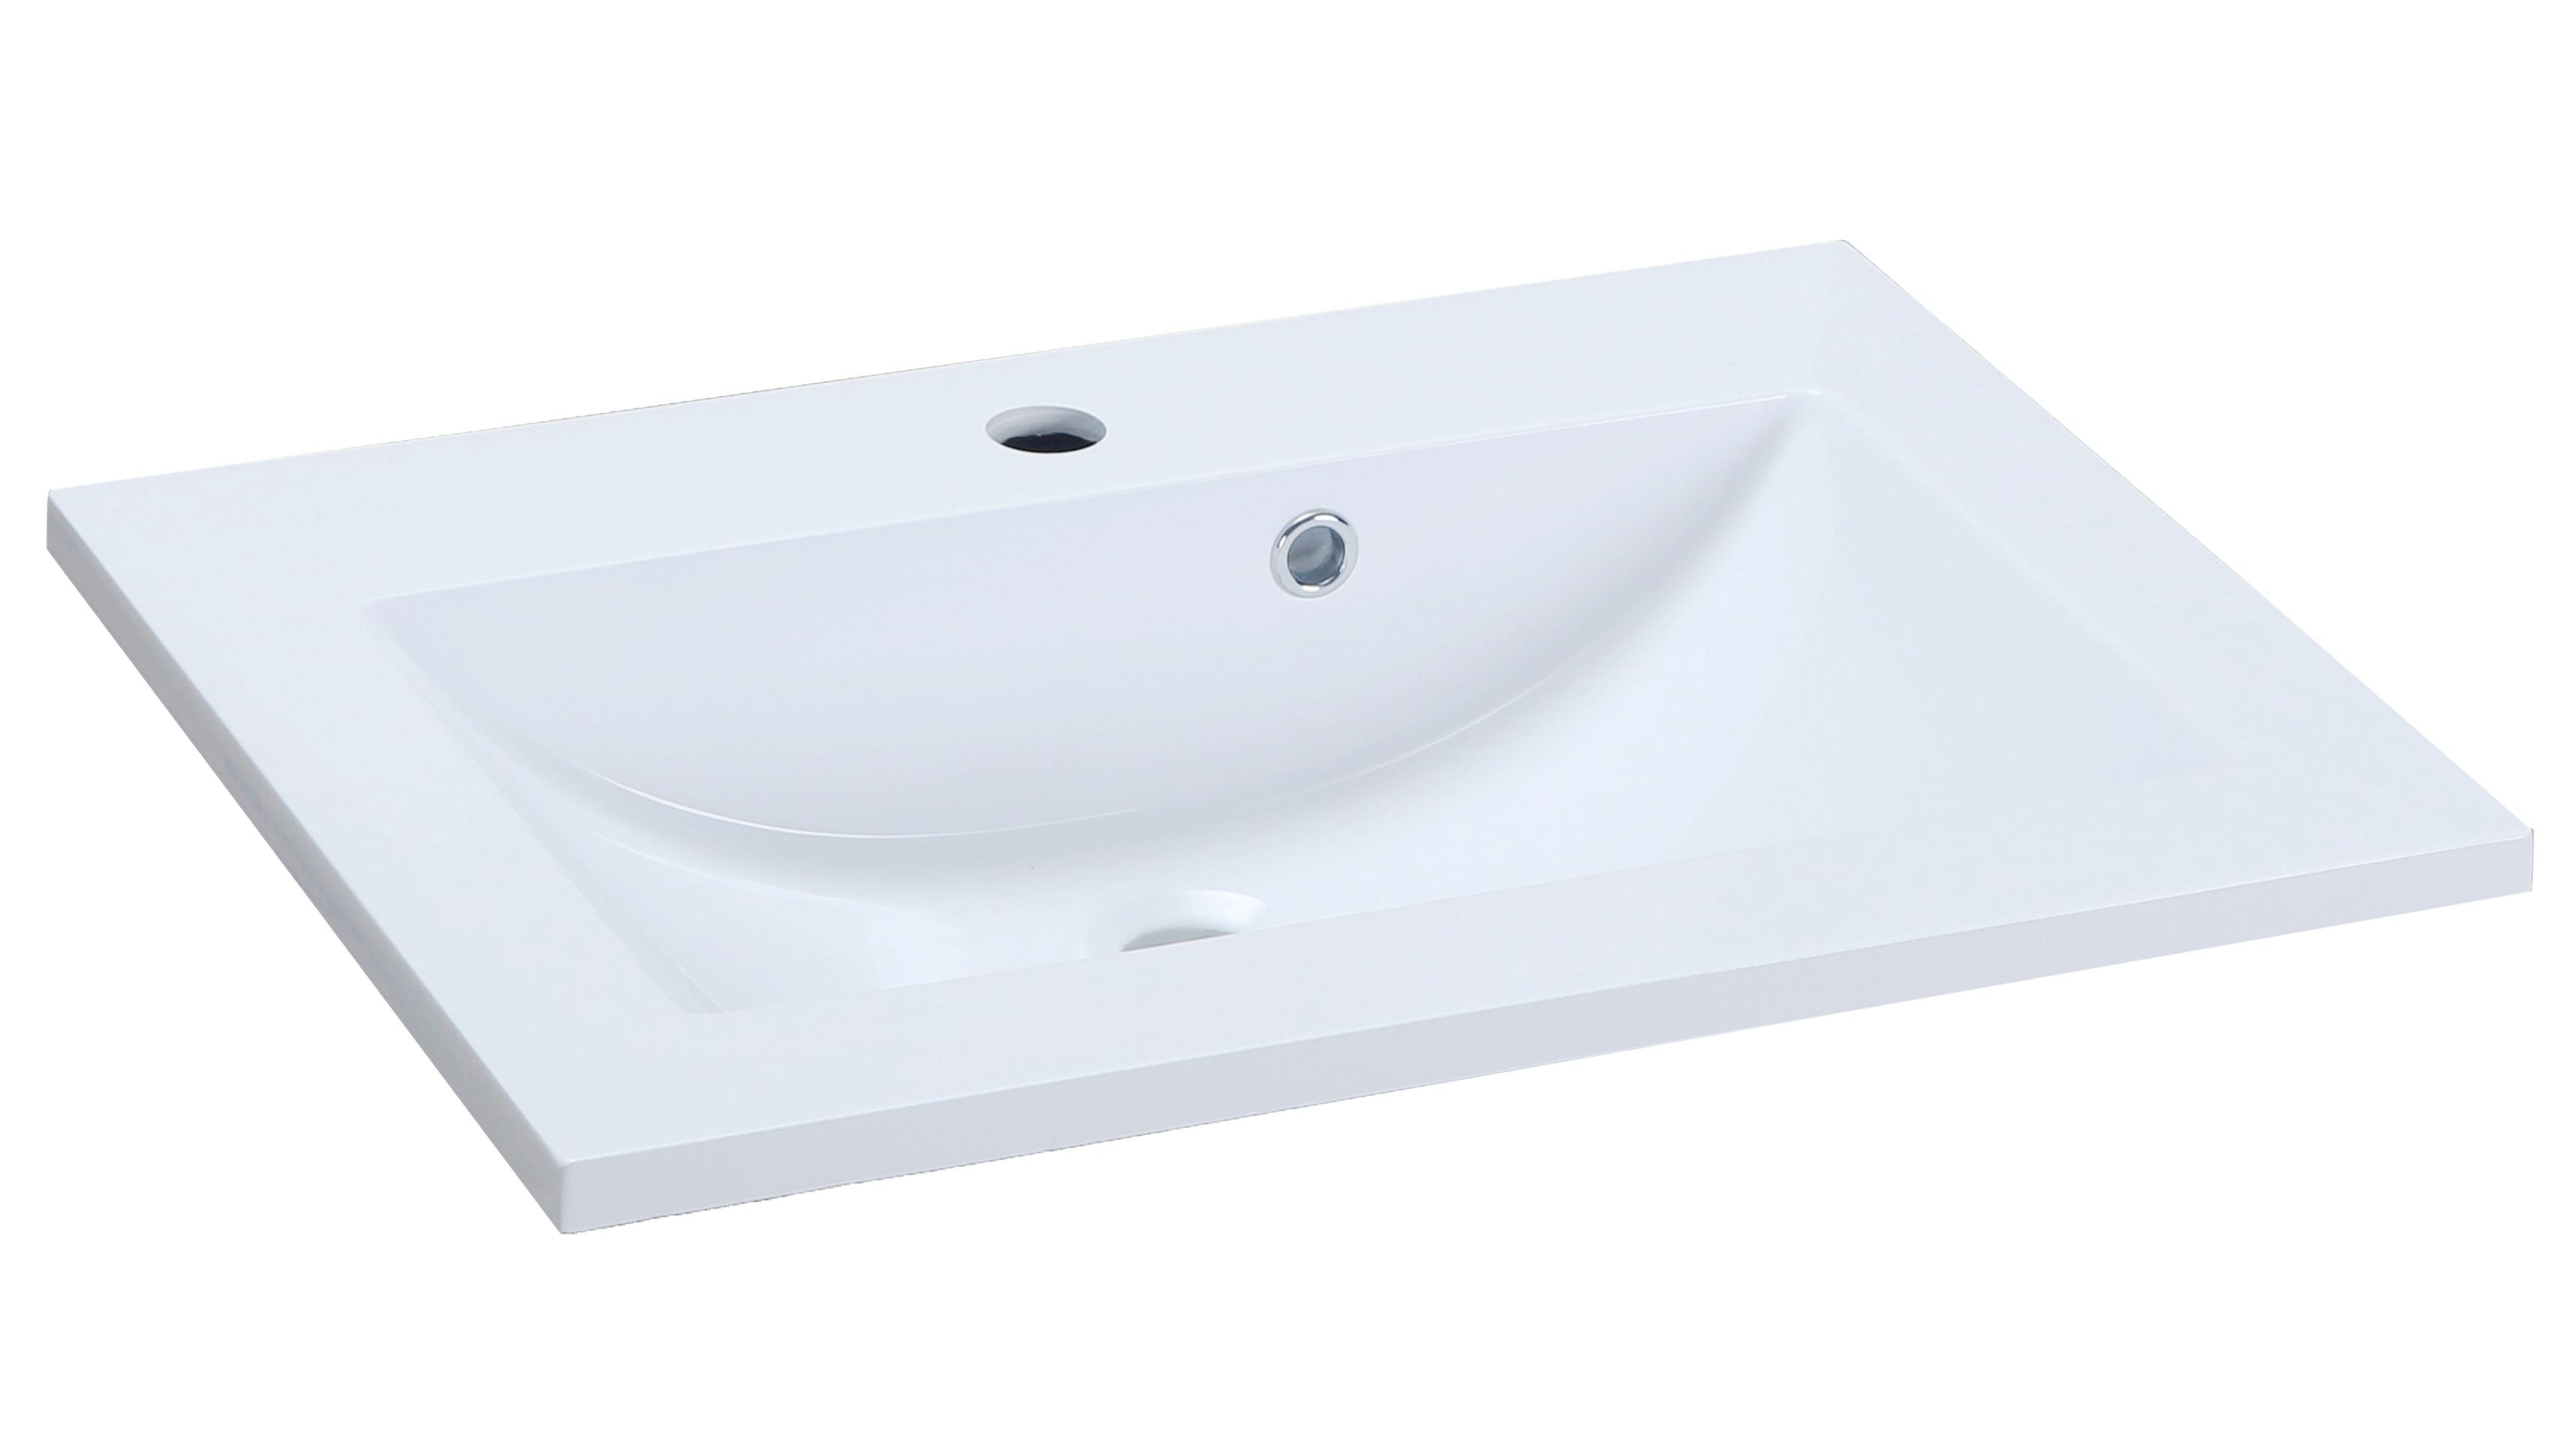 Lavoar Sanotechnik Soho 60x48cm montare pe mobilier compozit alb imagine